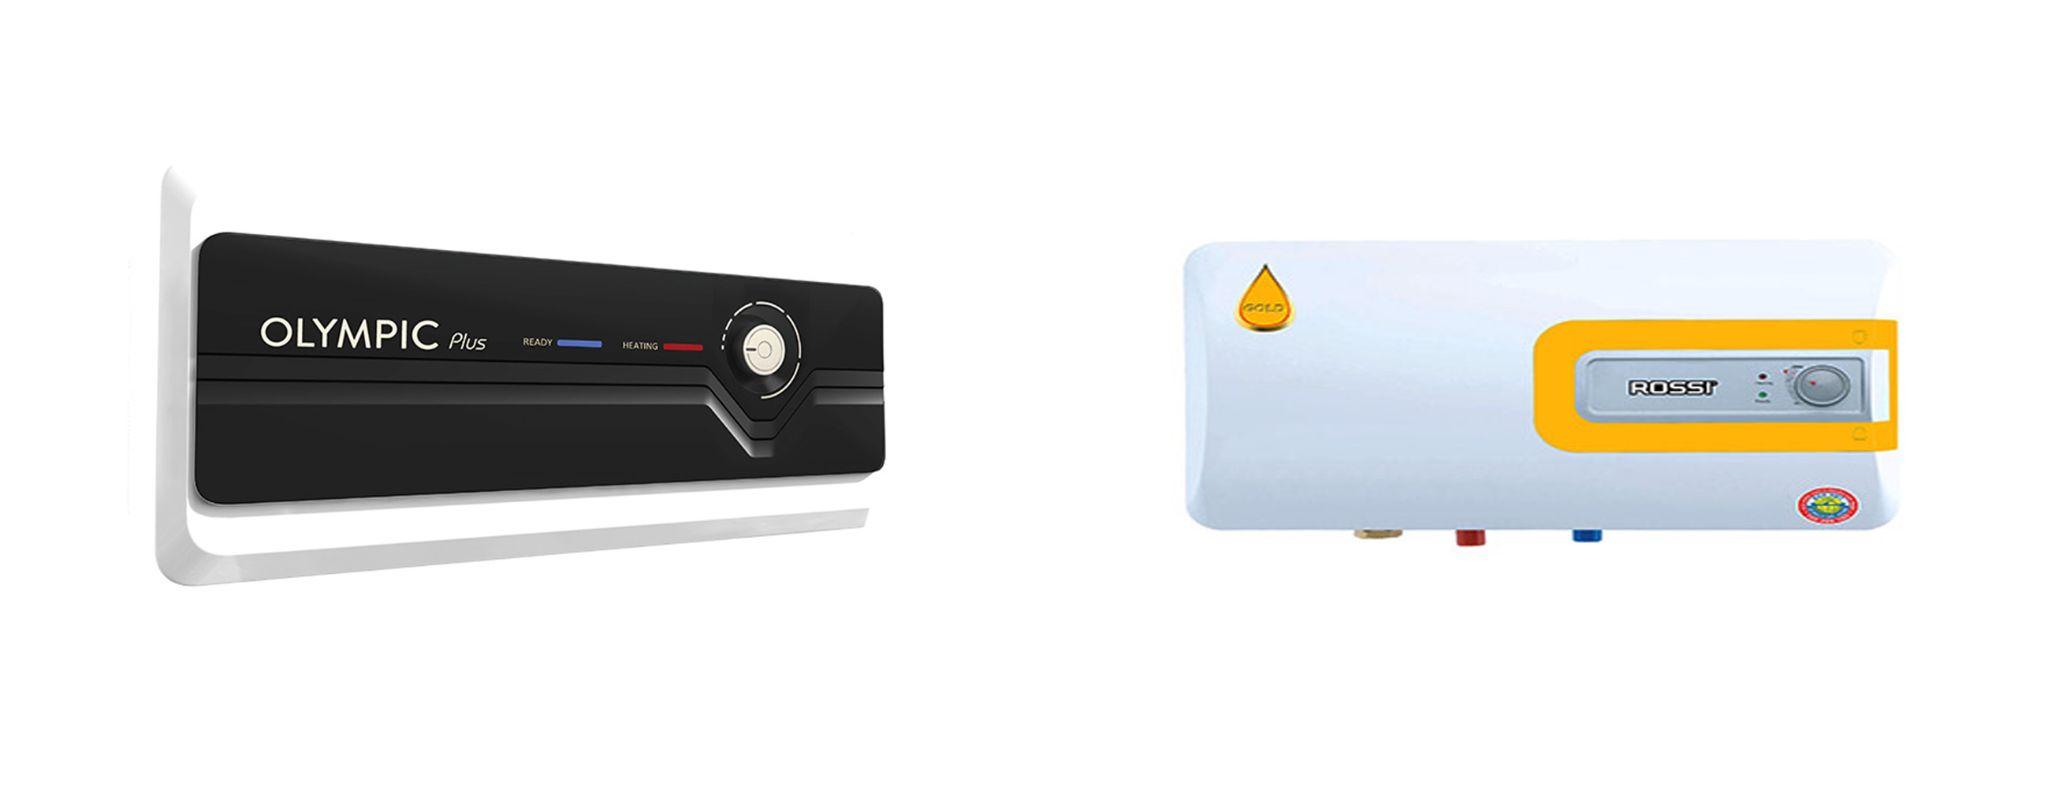 Bình nóng lạnh Olympic Plus và bình nóng lạnh Rossi